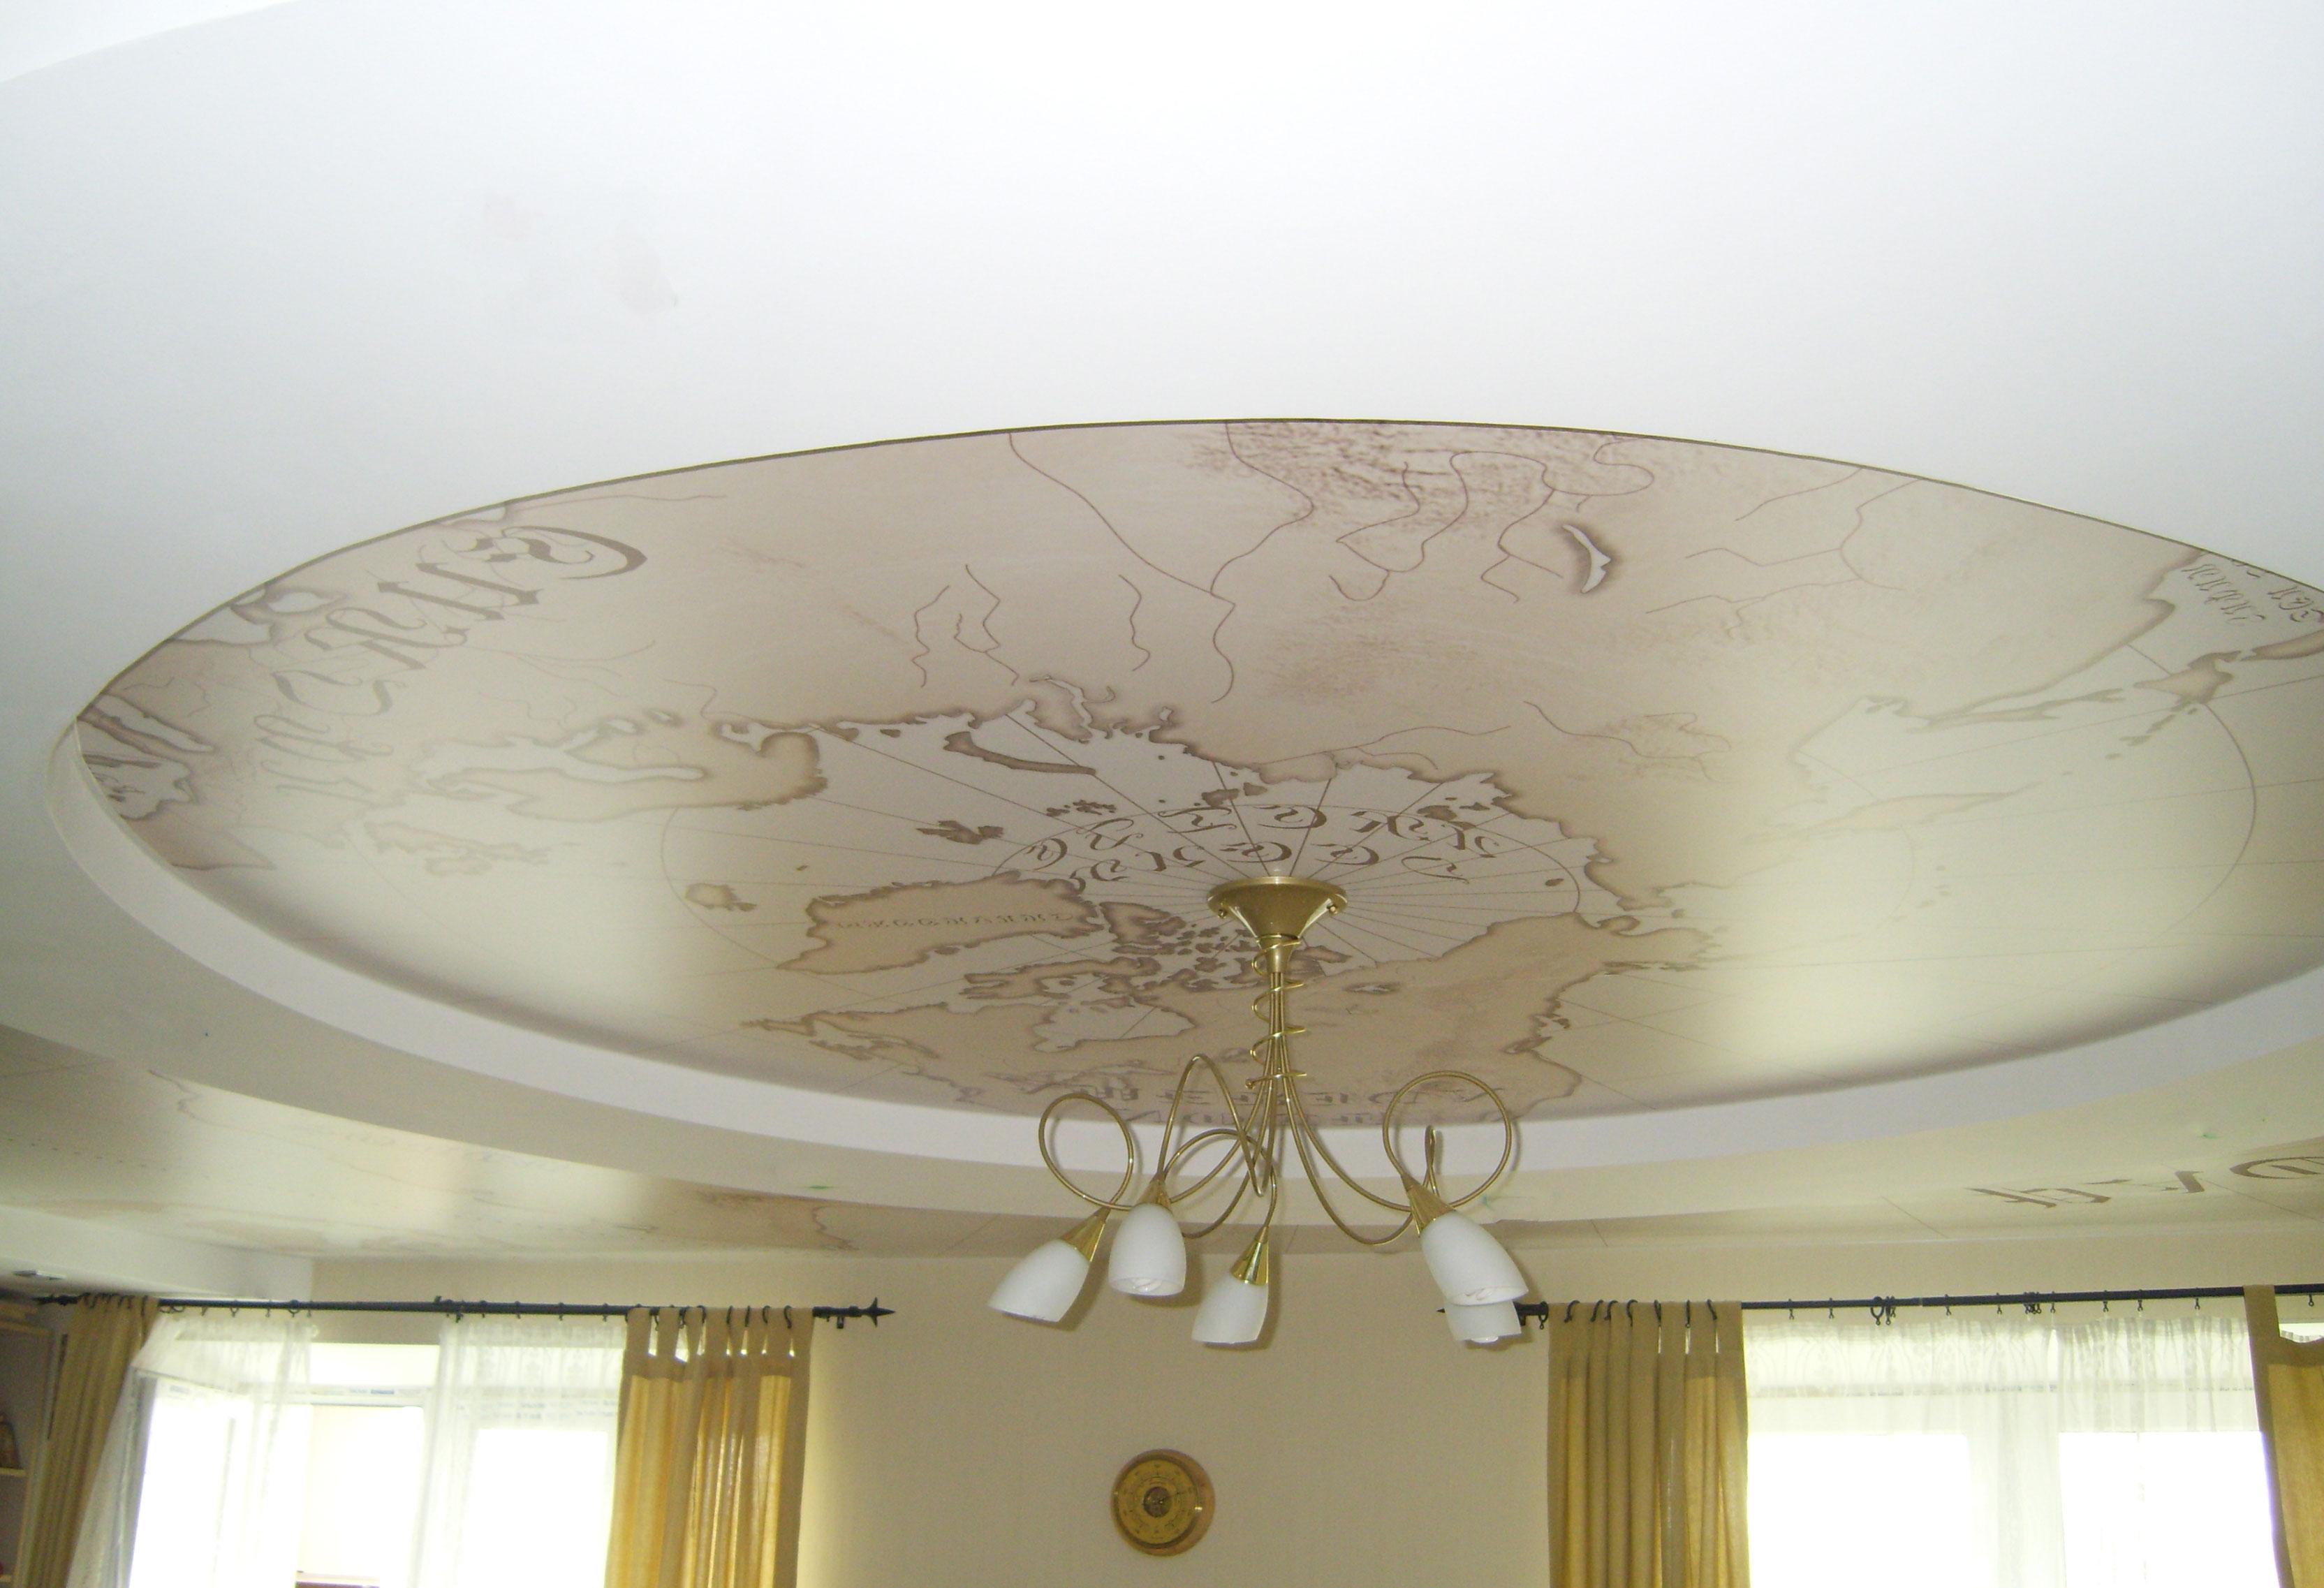 pose placo plafond sous dalle toulon prix renovation maison ancienne m2 soci t bnpvo. Black Bedroom Furniture Sets. Home Design Ideas